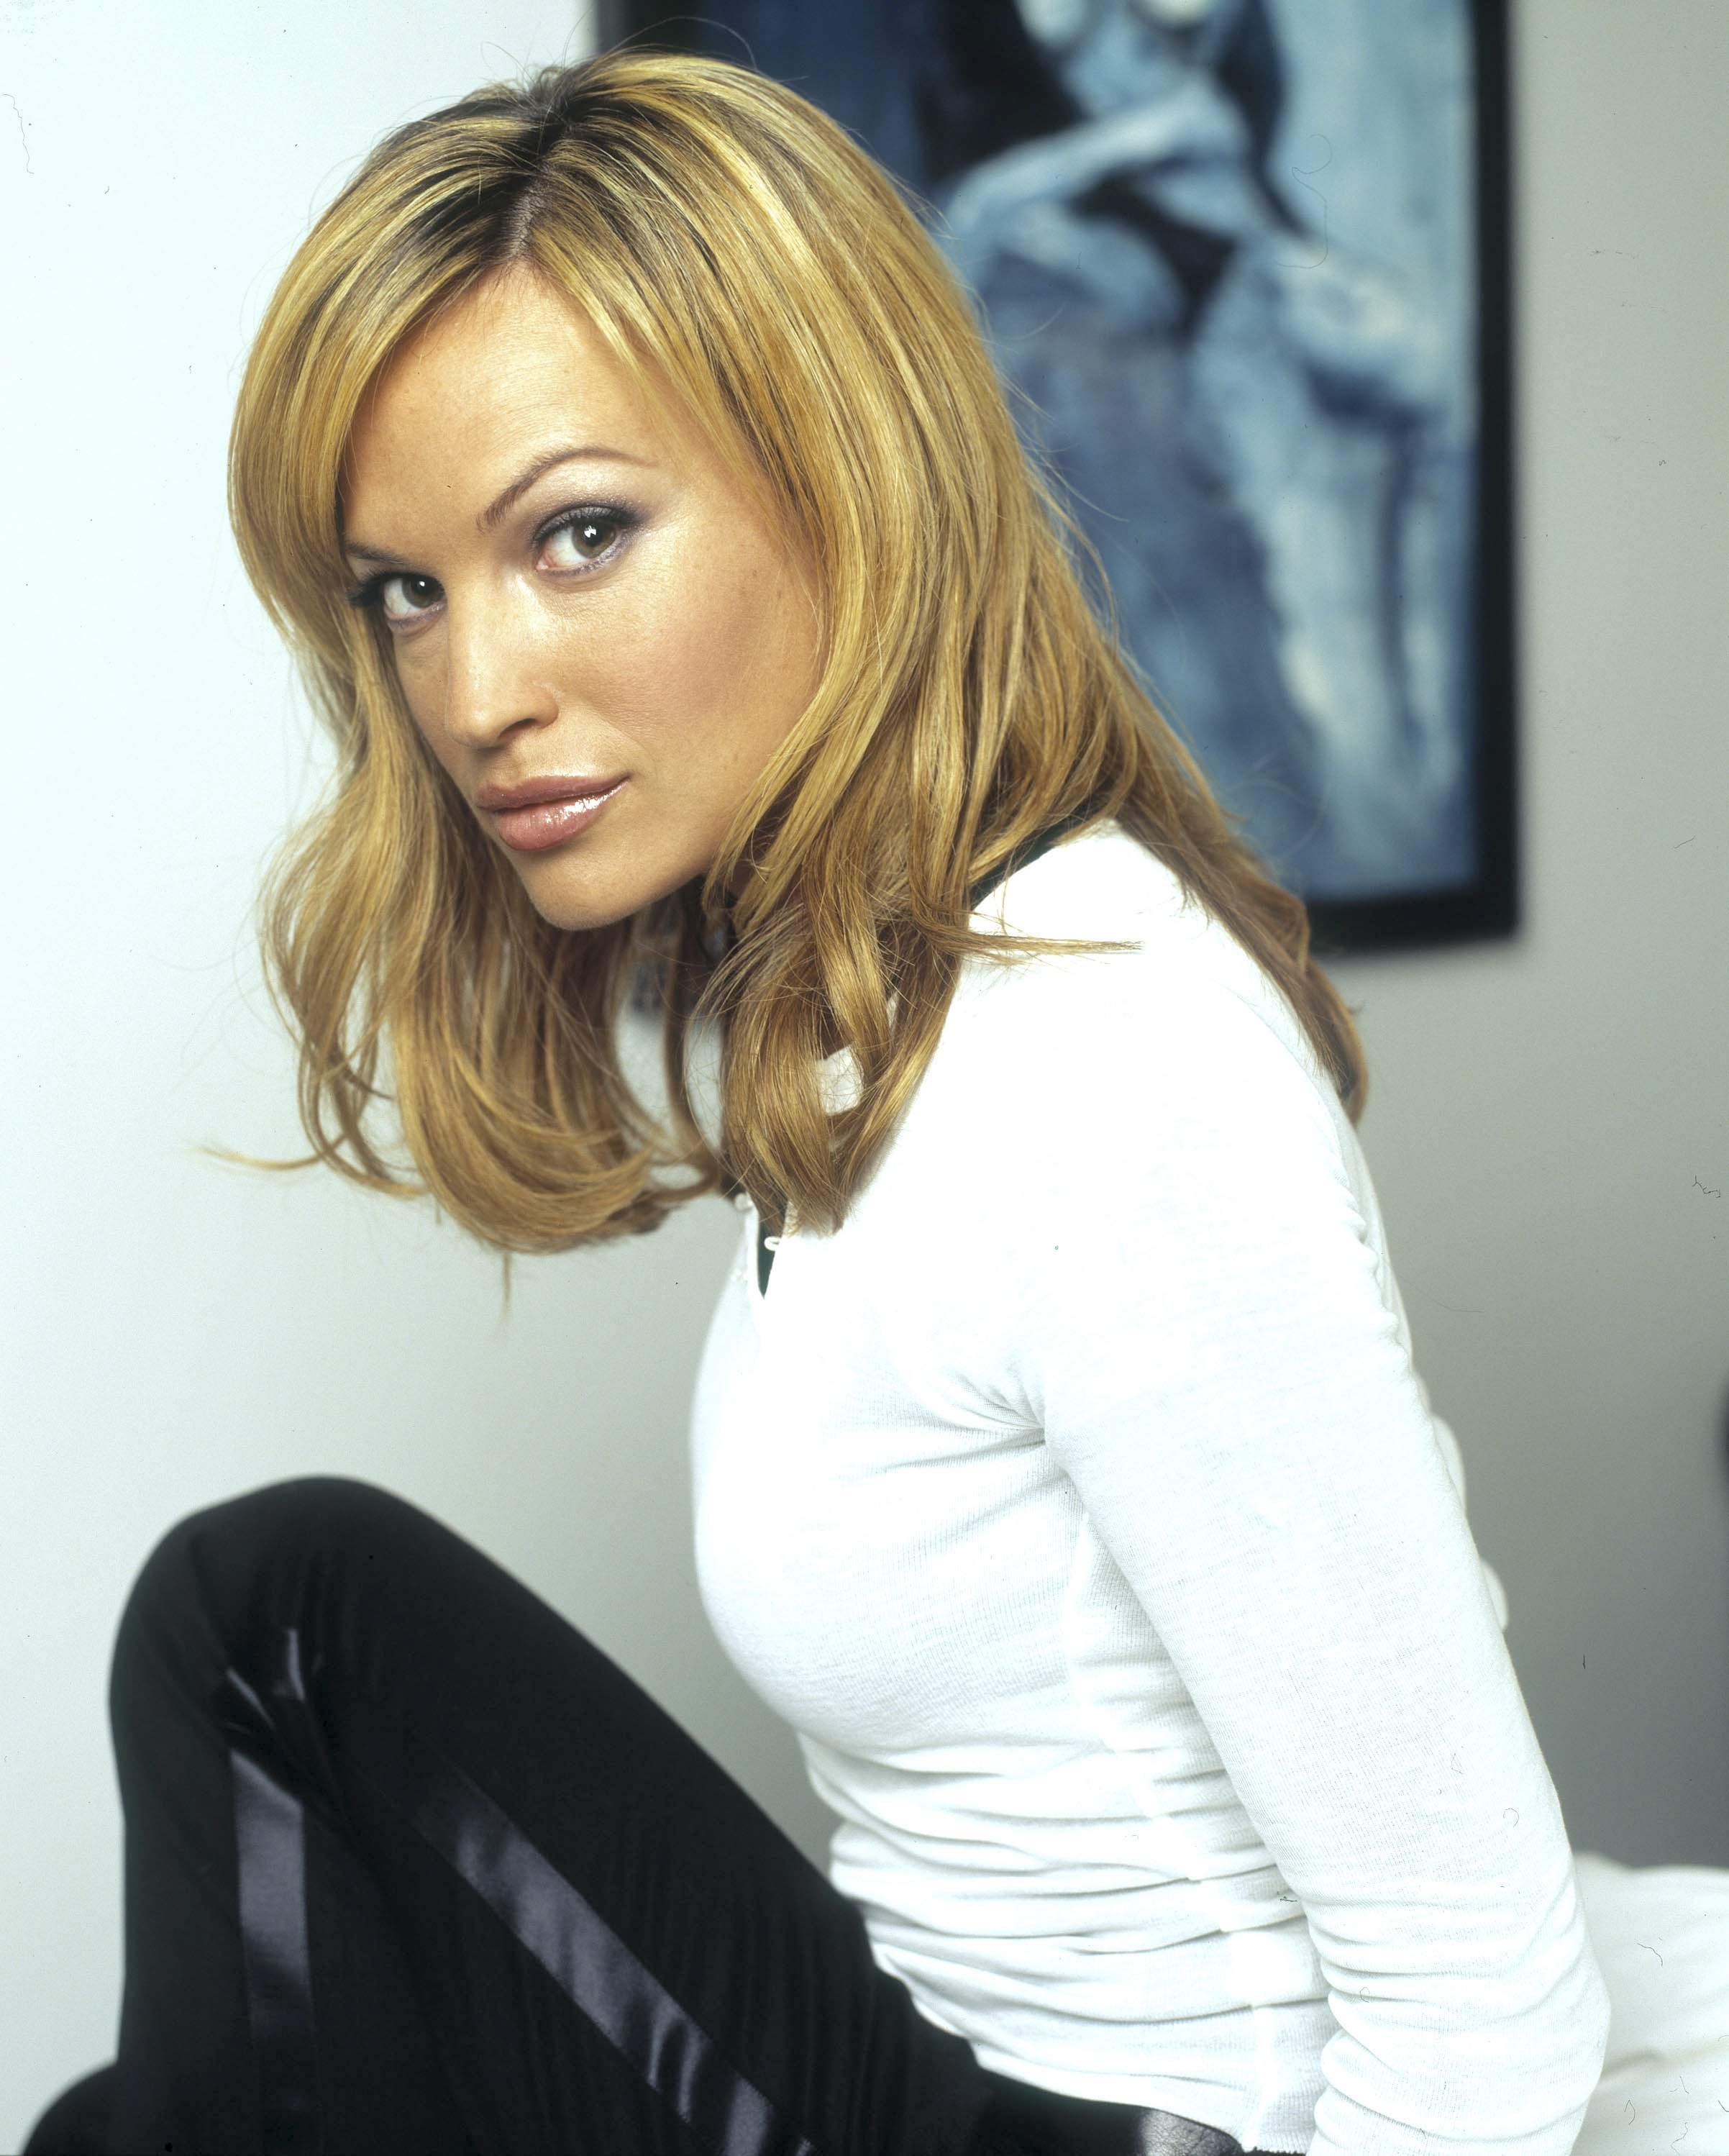 Poze Jolene Blalock - Actor - Poza 32 din 132 - CineMagia.ro